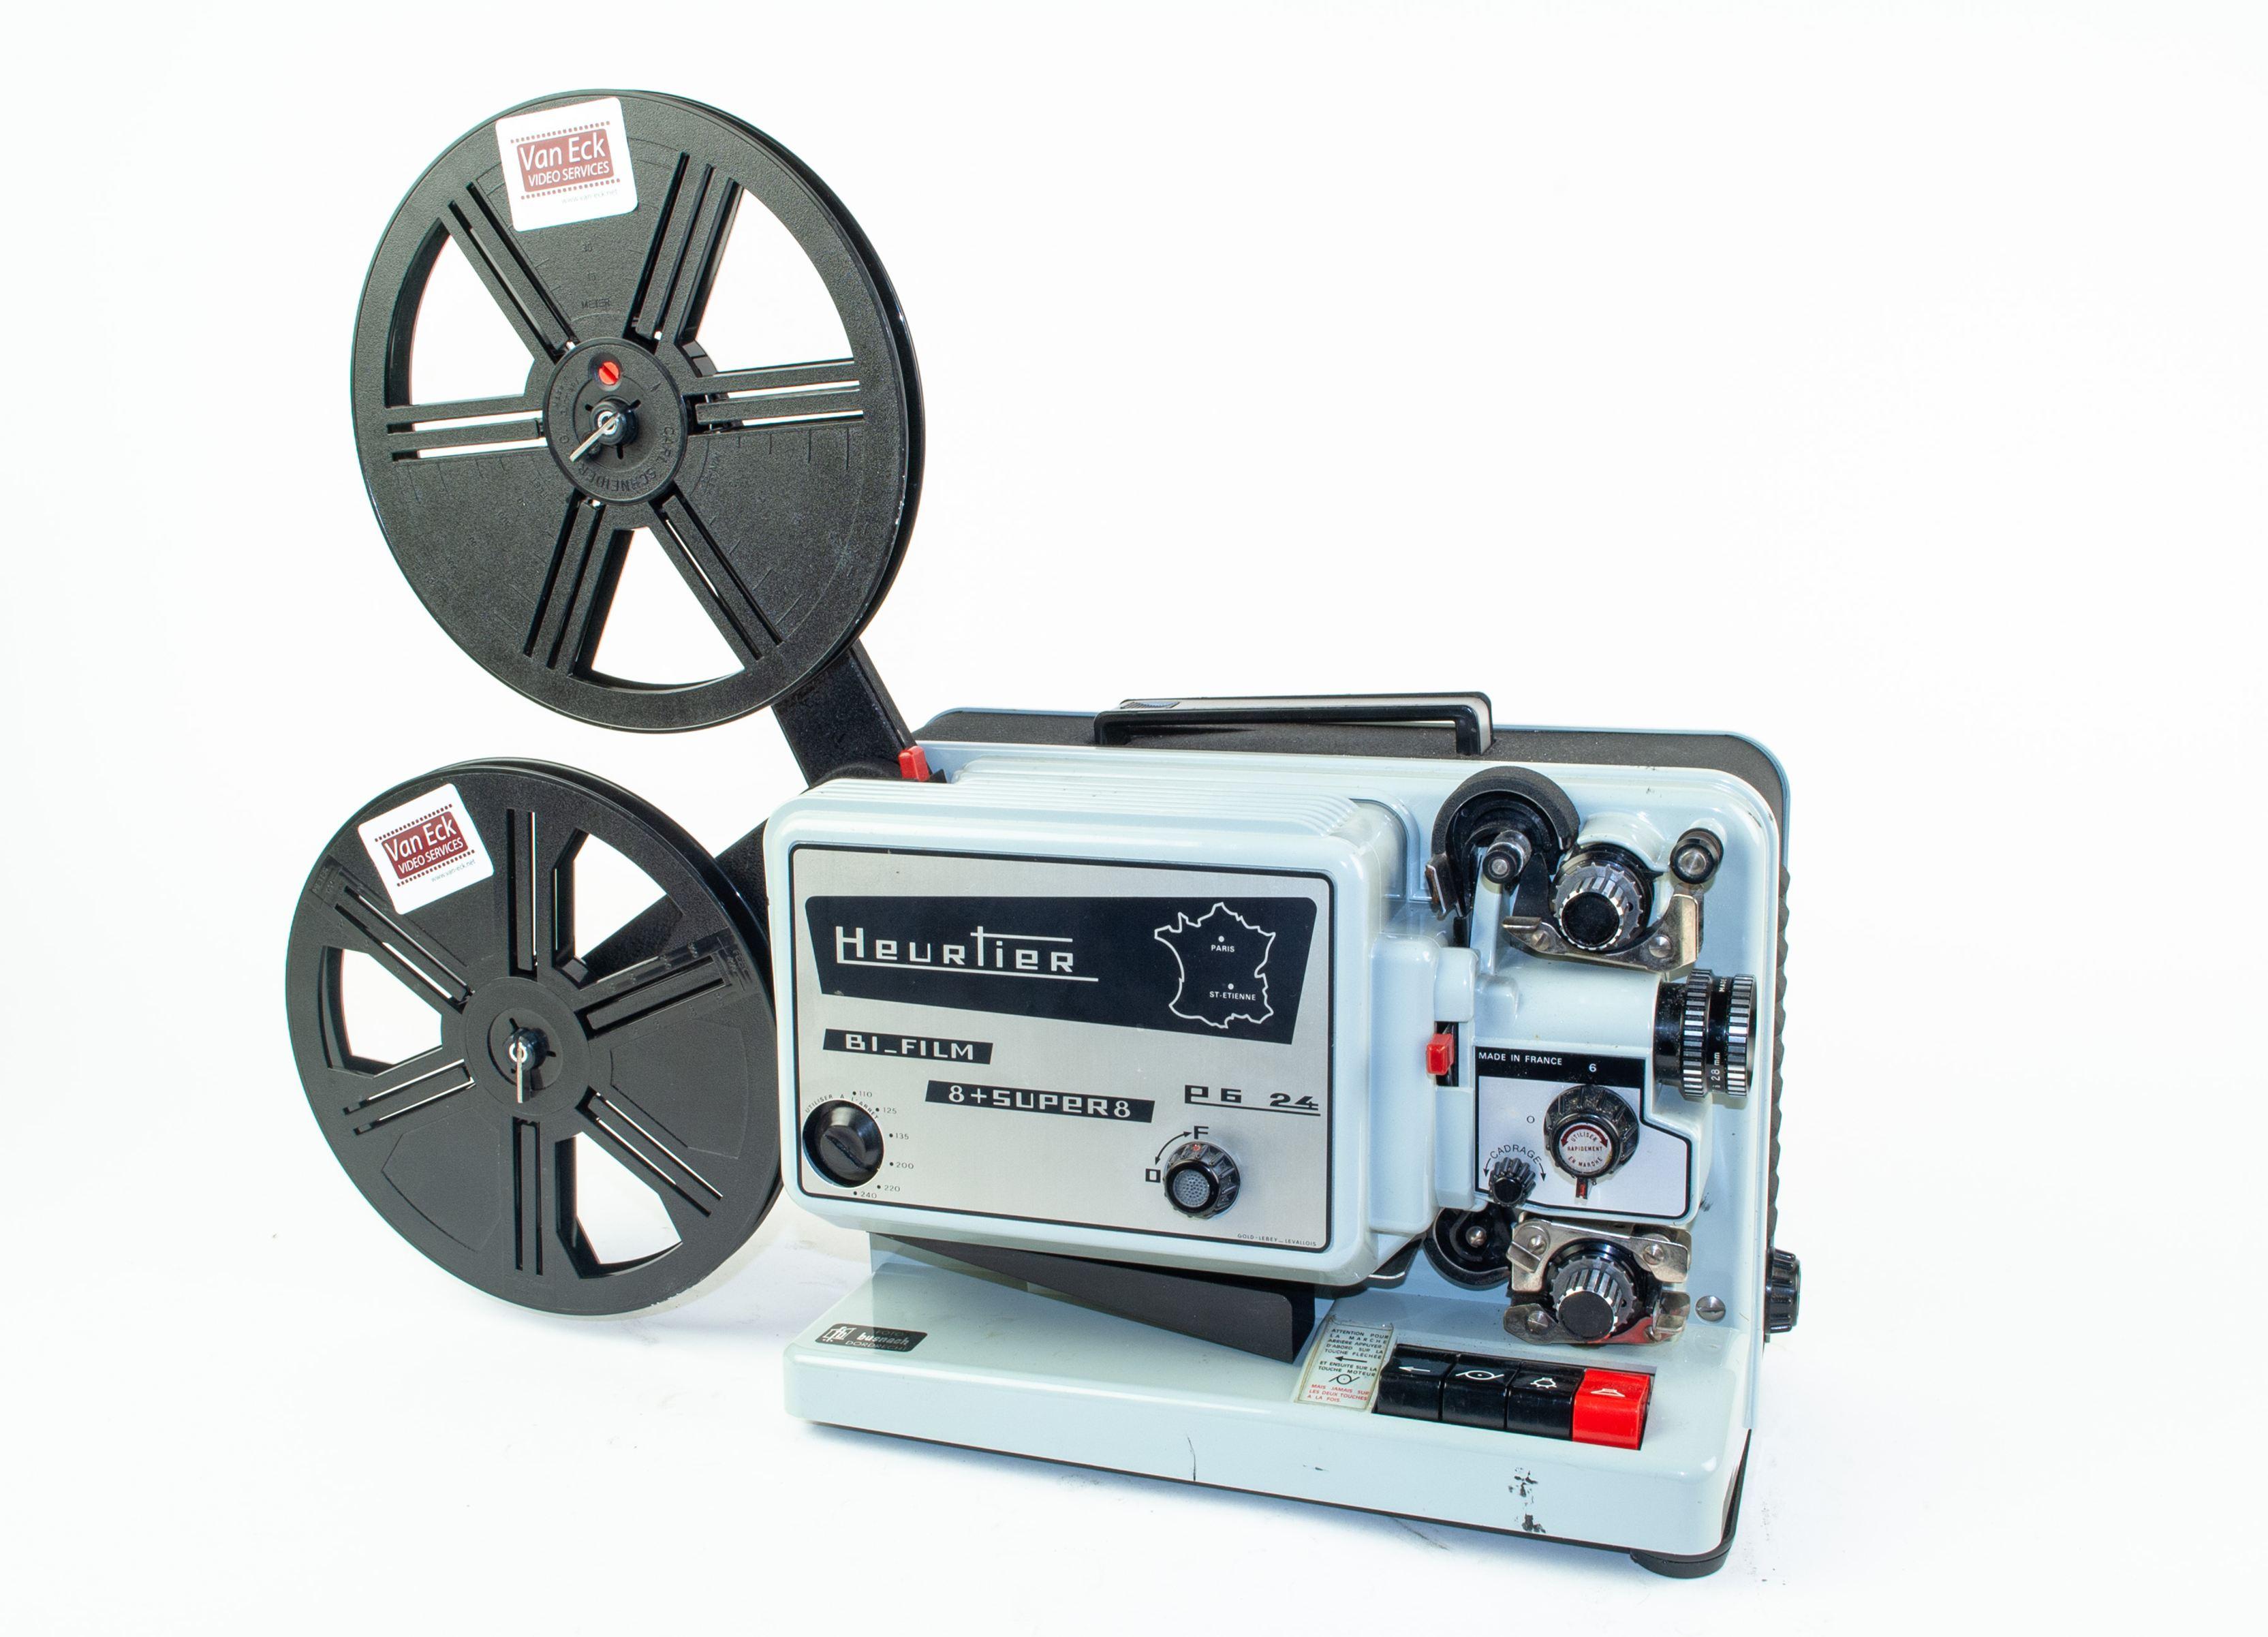 P6-24 Bi-Film